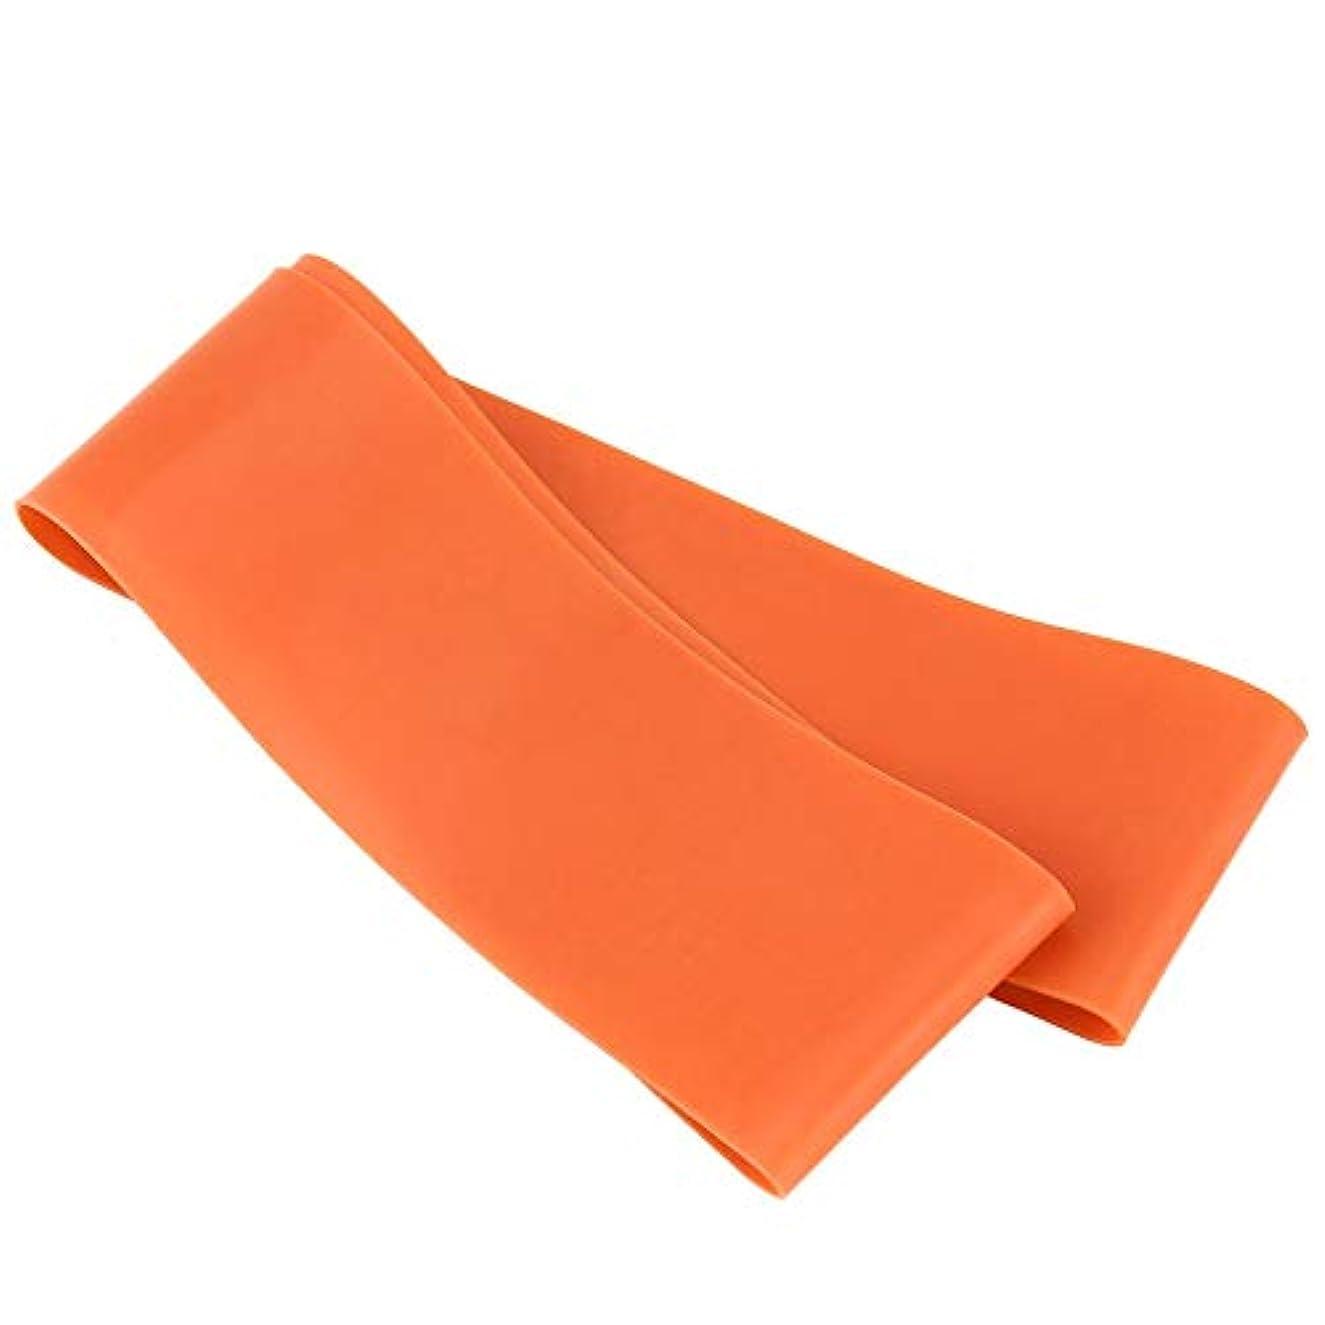 袋誤って増加する滑り止めの伸縮性のあるゴム製伸縮性がある伸縮性があるヨガベルトバンド引きロープの張力抵抗バンドループ強度のためのフィットネスヨガツール - オレンジ